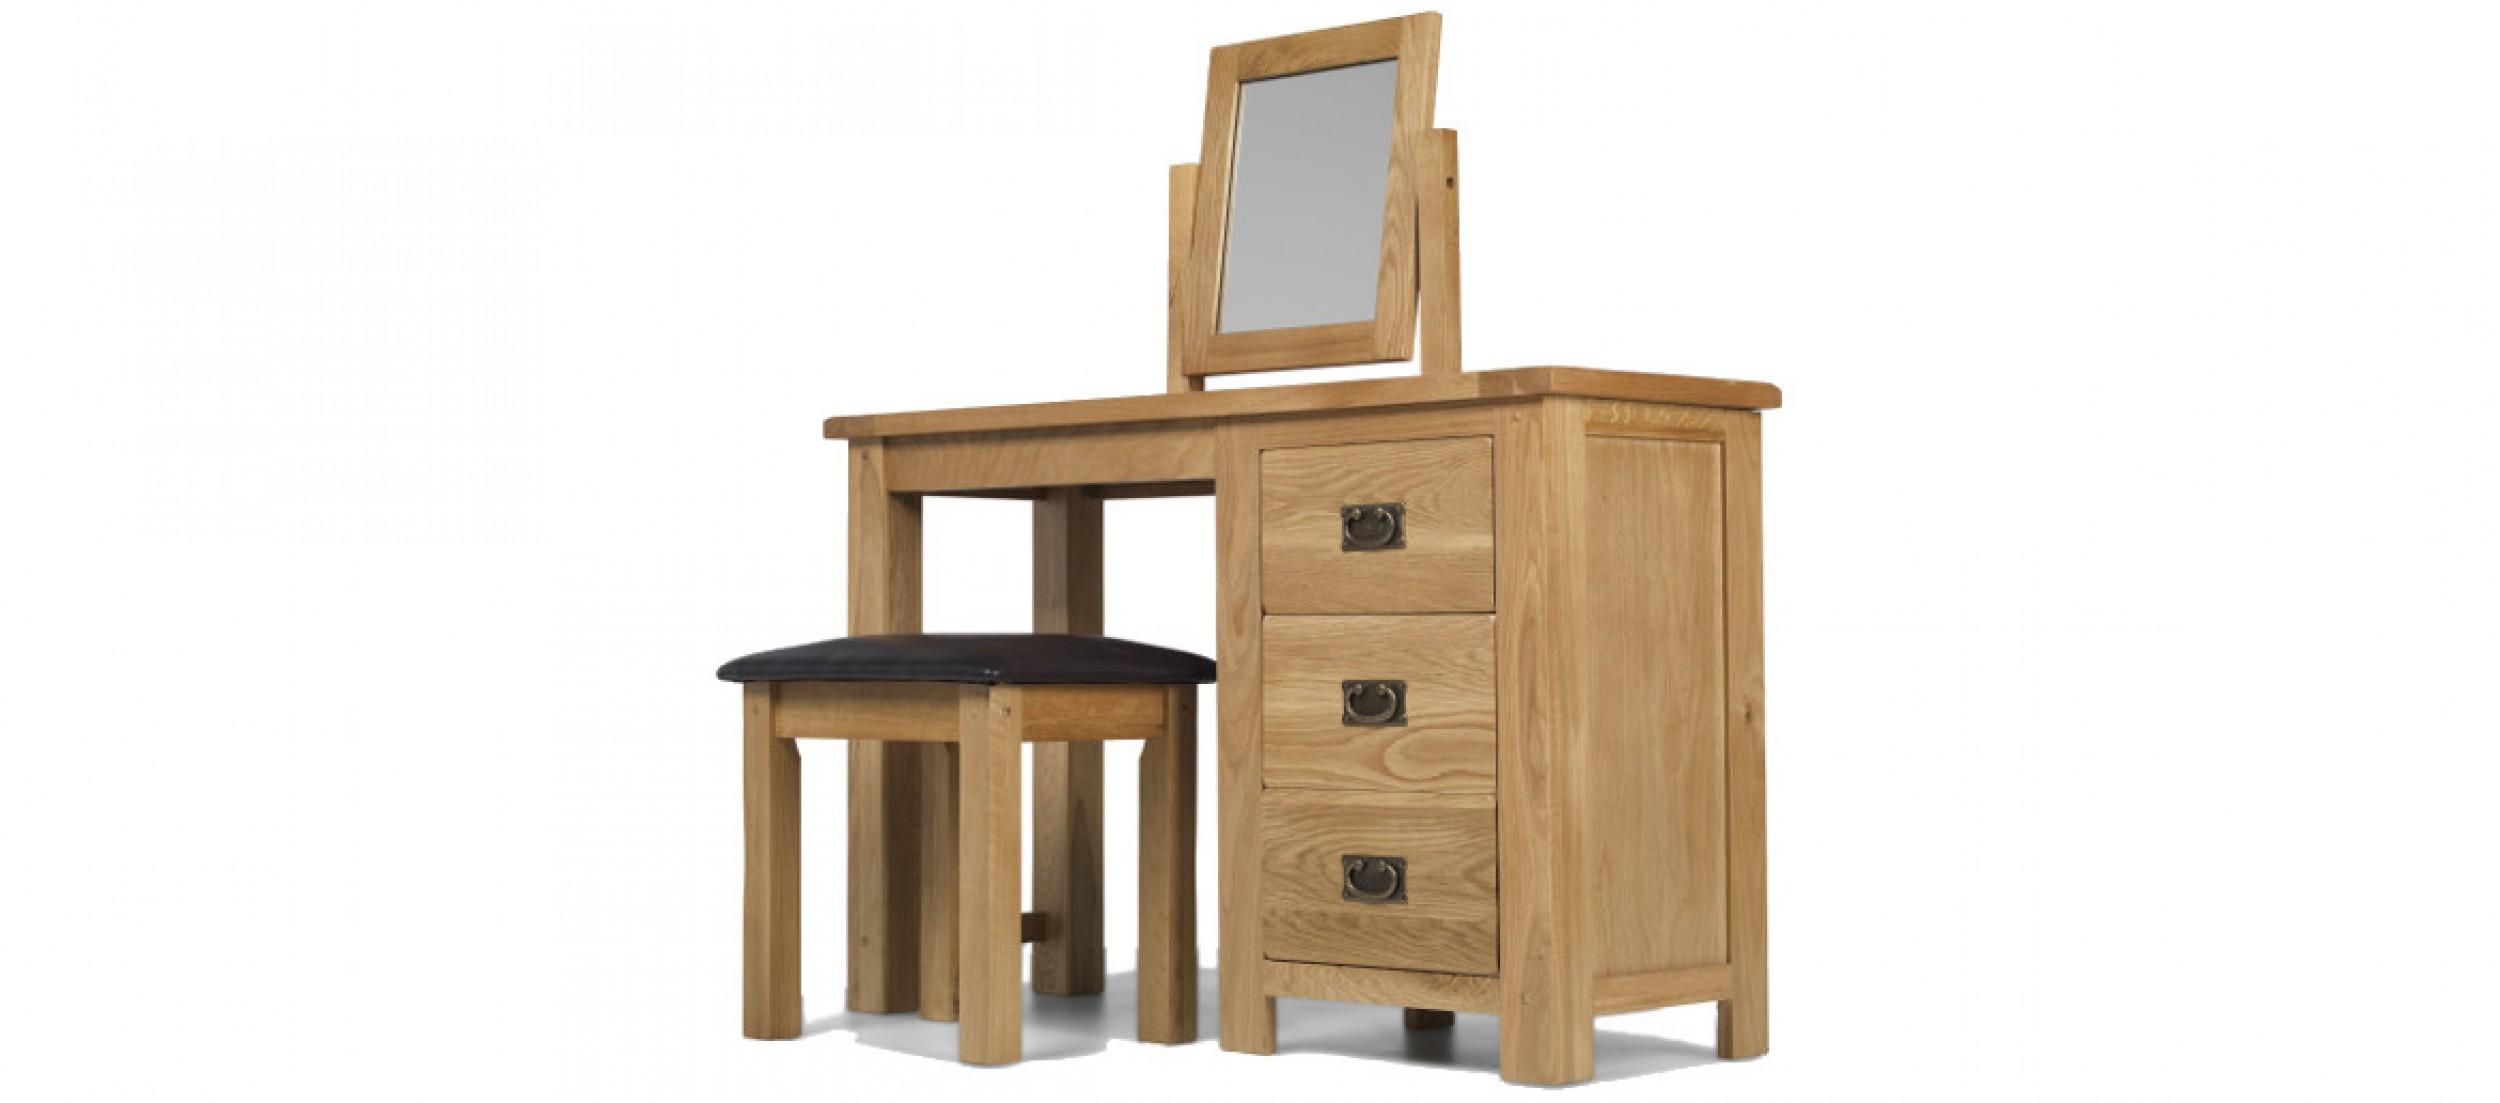 Rustic Oak Dressing Table Set Quercus Living - Rustic oak dressing table